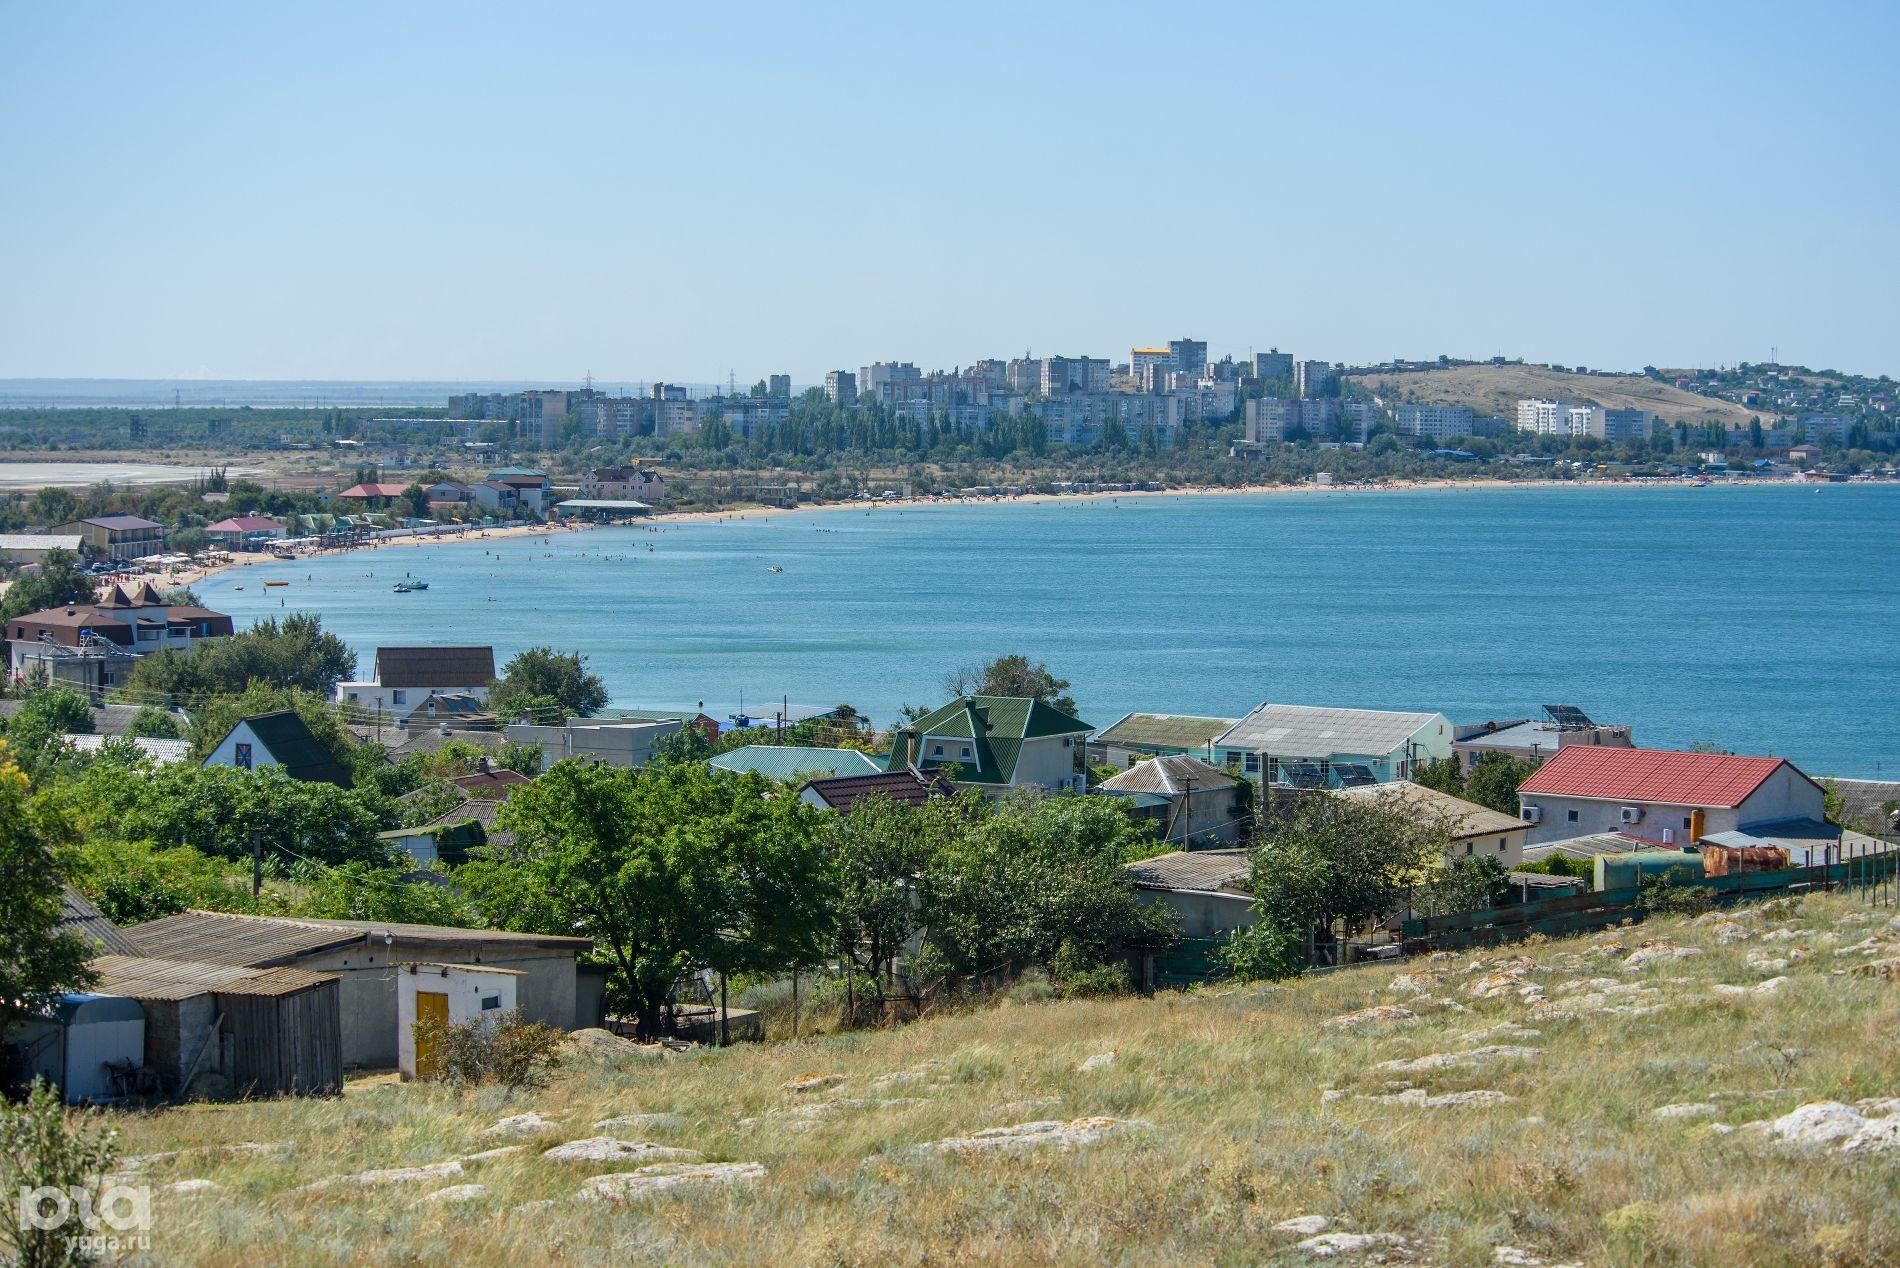 Щелкино — самый молодой крымский город. В конце 80-х тут жили 25 тыс. человек, сейчас — только 10 тысяч ©Фото Дмитрия Андреева, Юга.ру